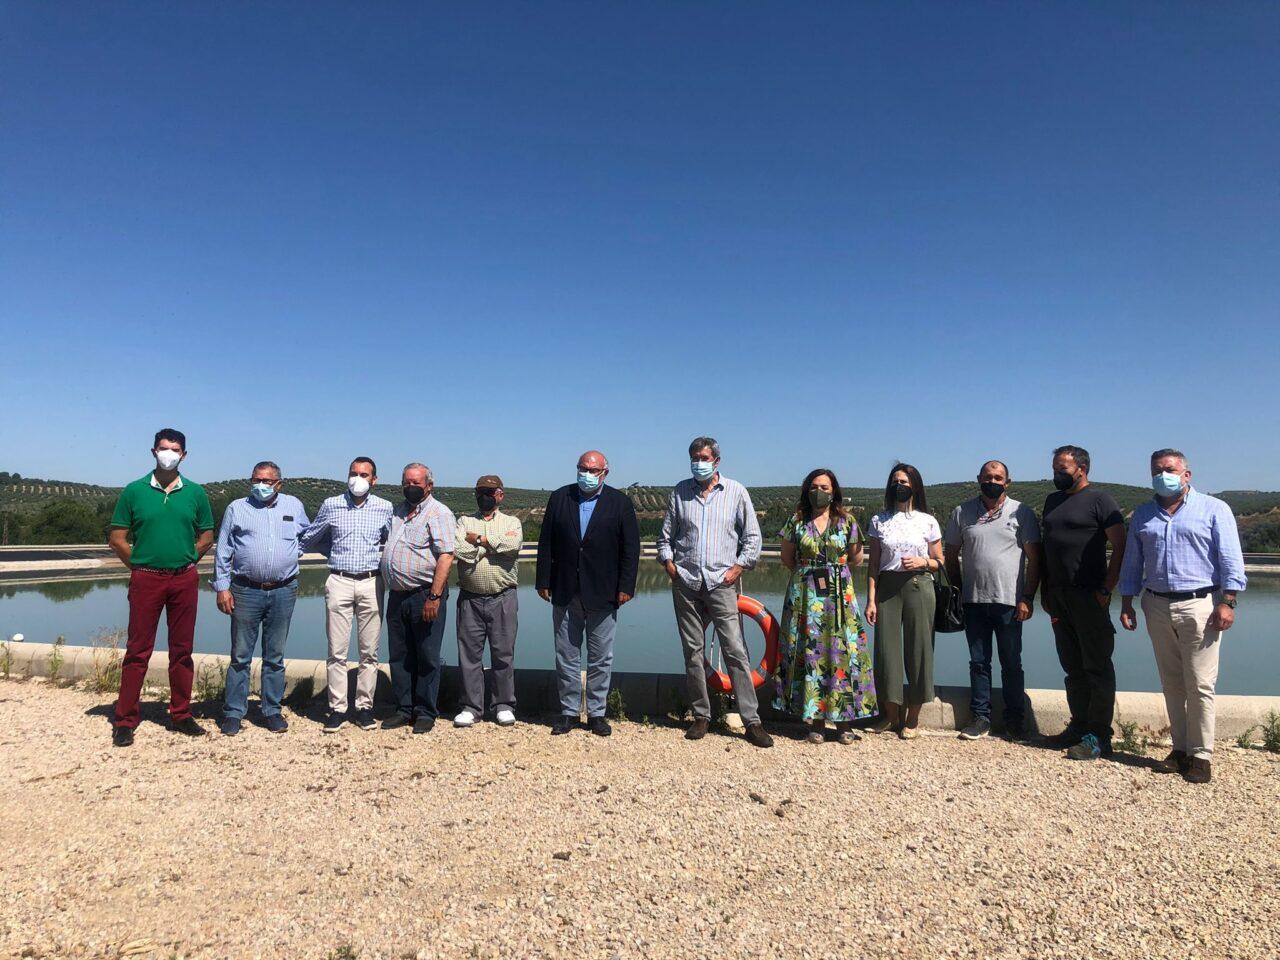 El Ministerio de Agricultura promueve instalaciones fotovoltaicas para mejorar la eficiencia energética de 1.126 hectáreas de regadíos en las Vegas Altas del Guadalquivir